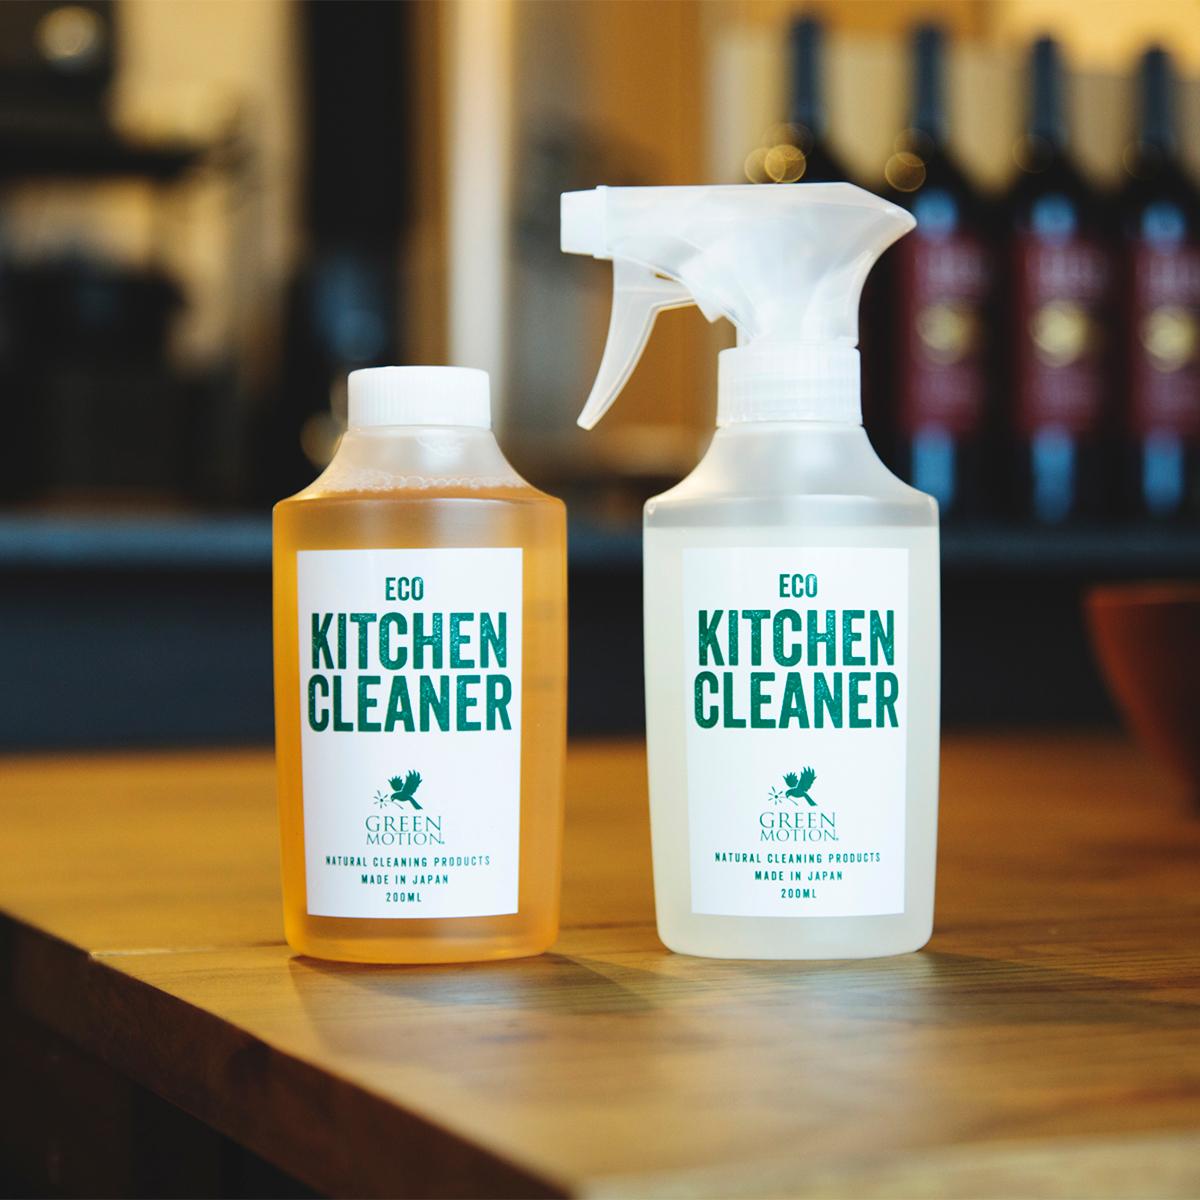 ヌルヌル油汚れにスブレーすれば、瞬時に油分をナノ単位まで細かく分解し、拭き取るだけでサラサラに。洗剤残りもナシ。面倒な洗い流しや二度拭きの必要もない「エコキッチンクリーナー」|GREEN MOTION